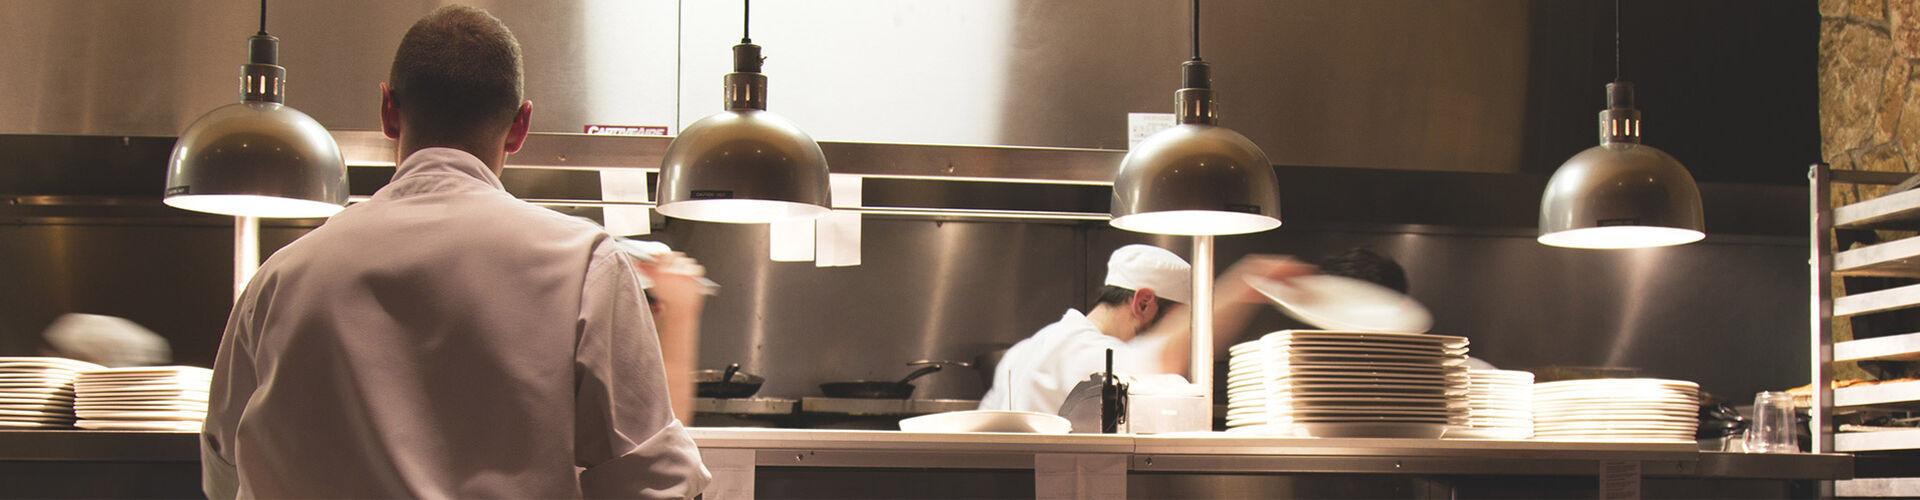 Auf diesem Bild sieht man zwei Beschäftigte in einer Großküche